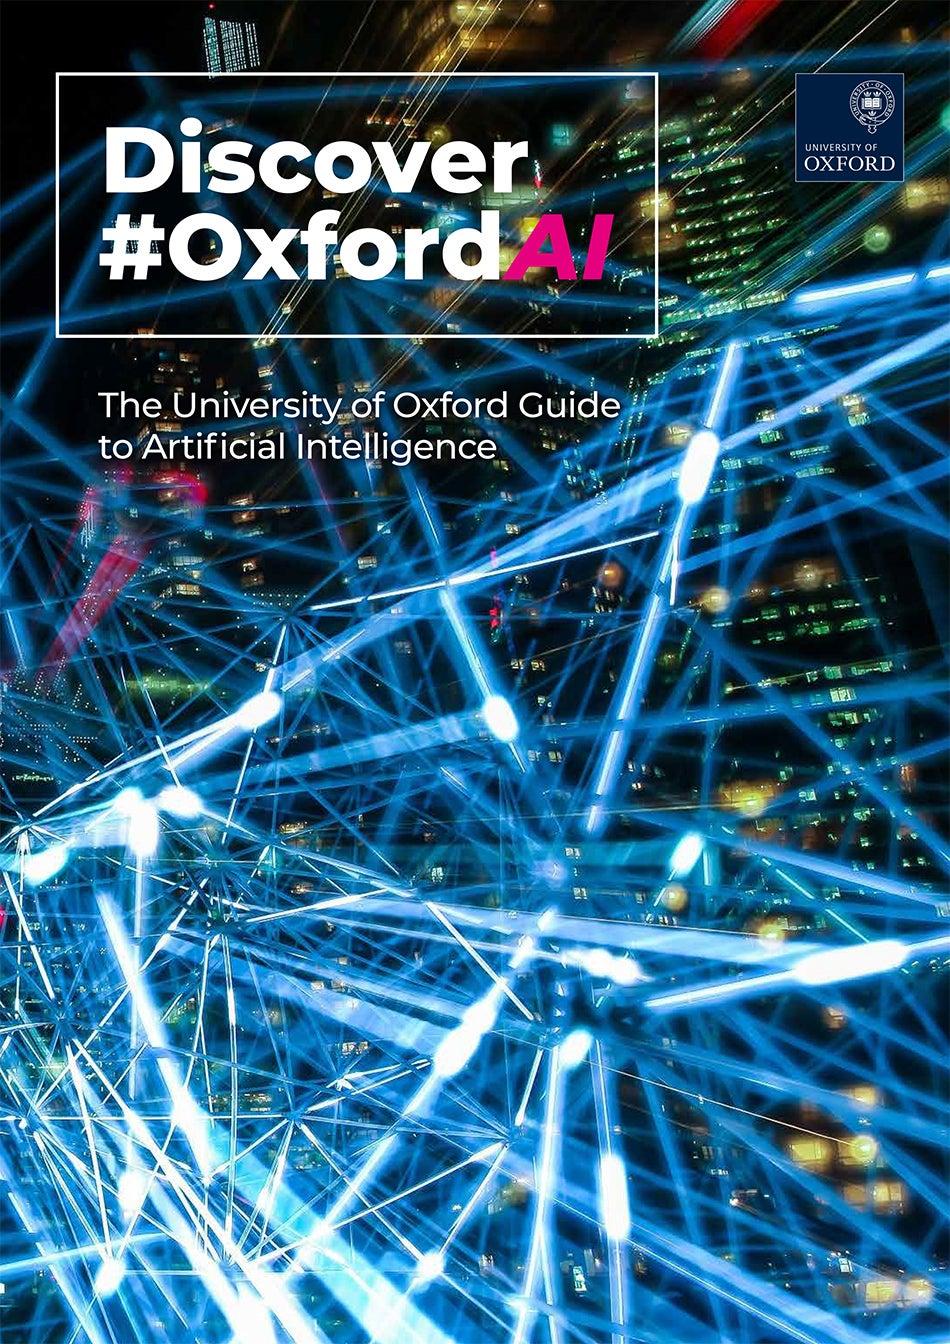 Discover #OxfordAI brochure